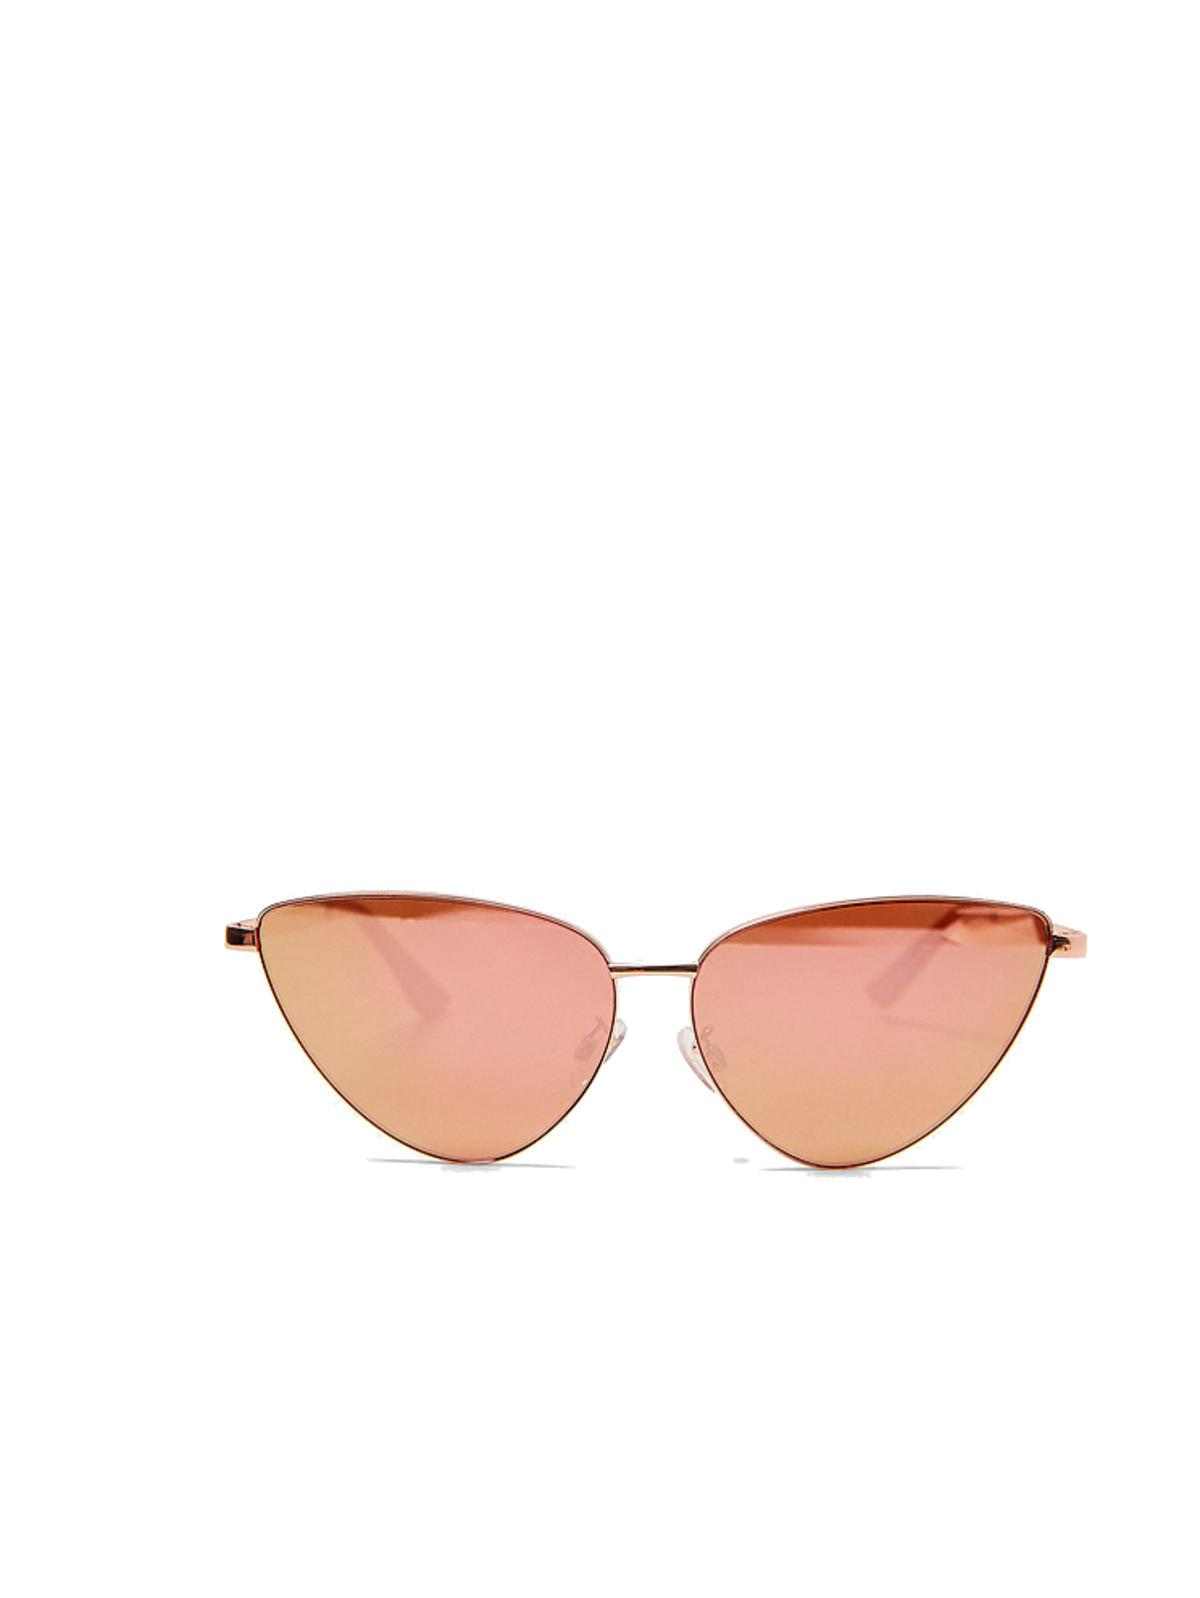 Różowe okulary, 69,90 zł